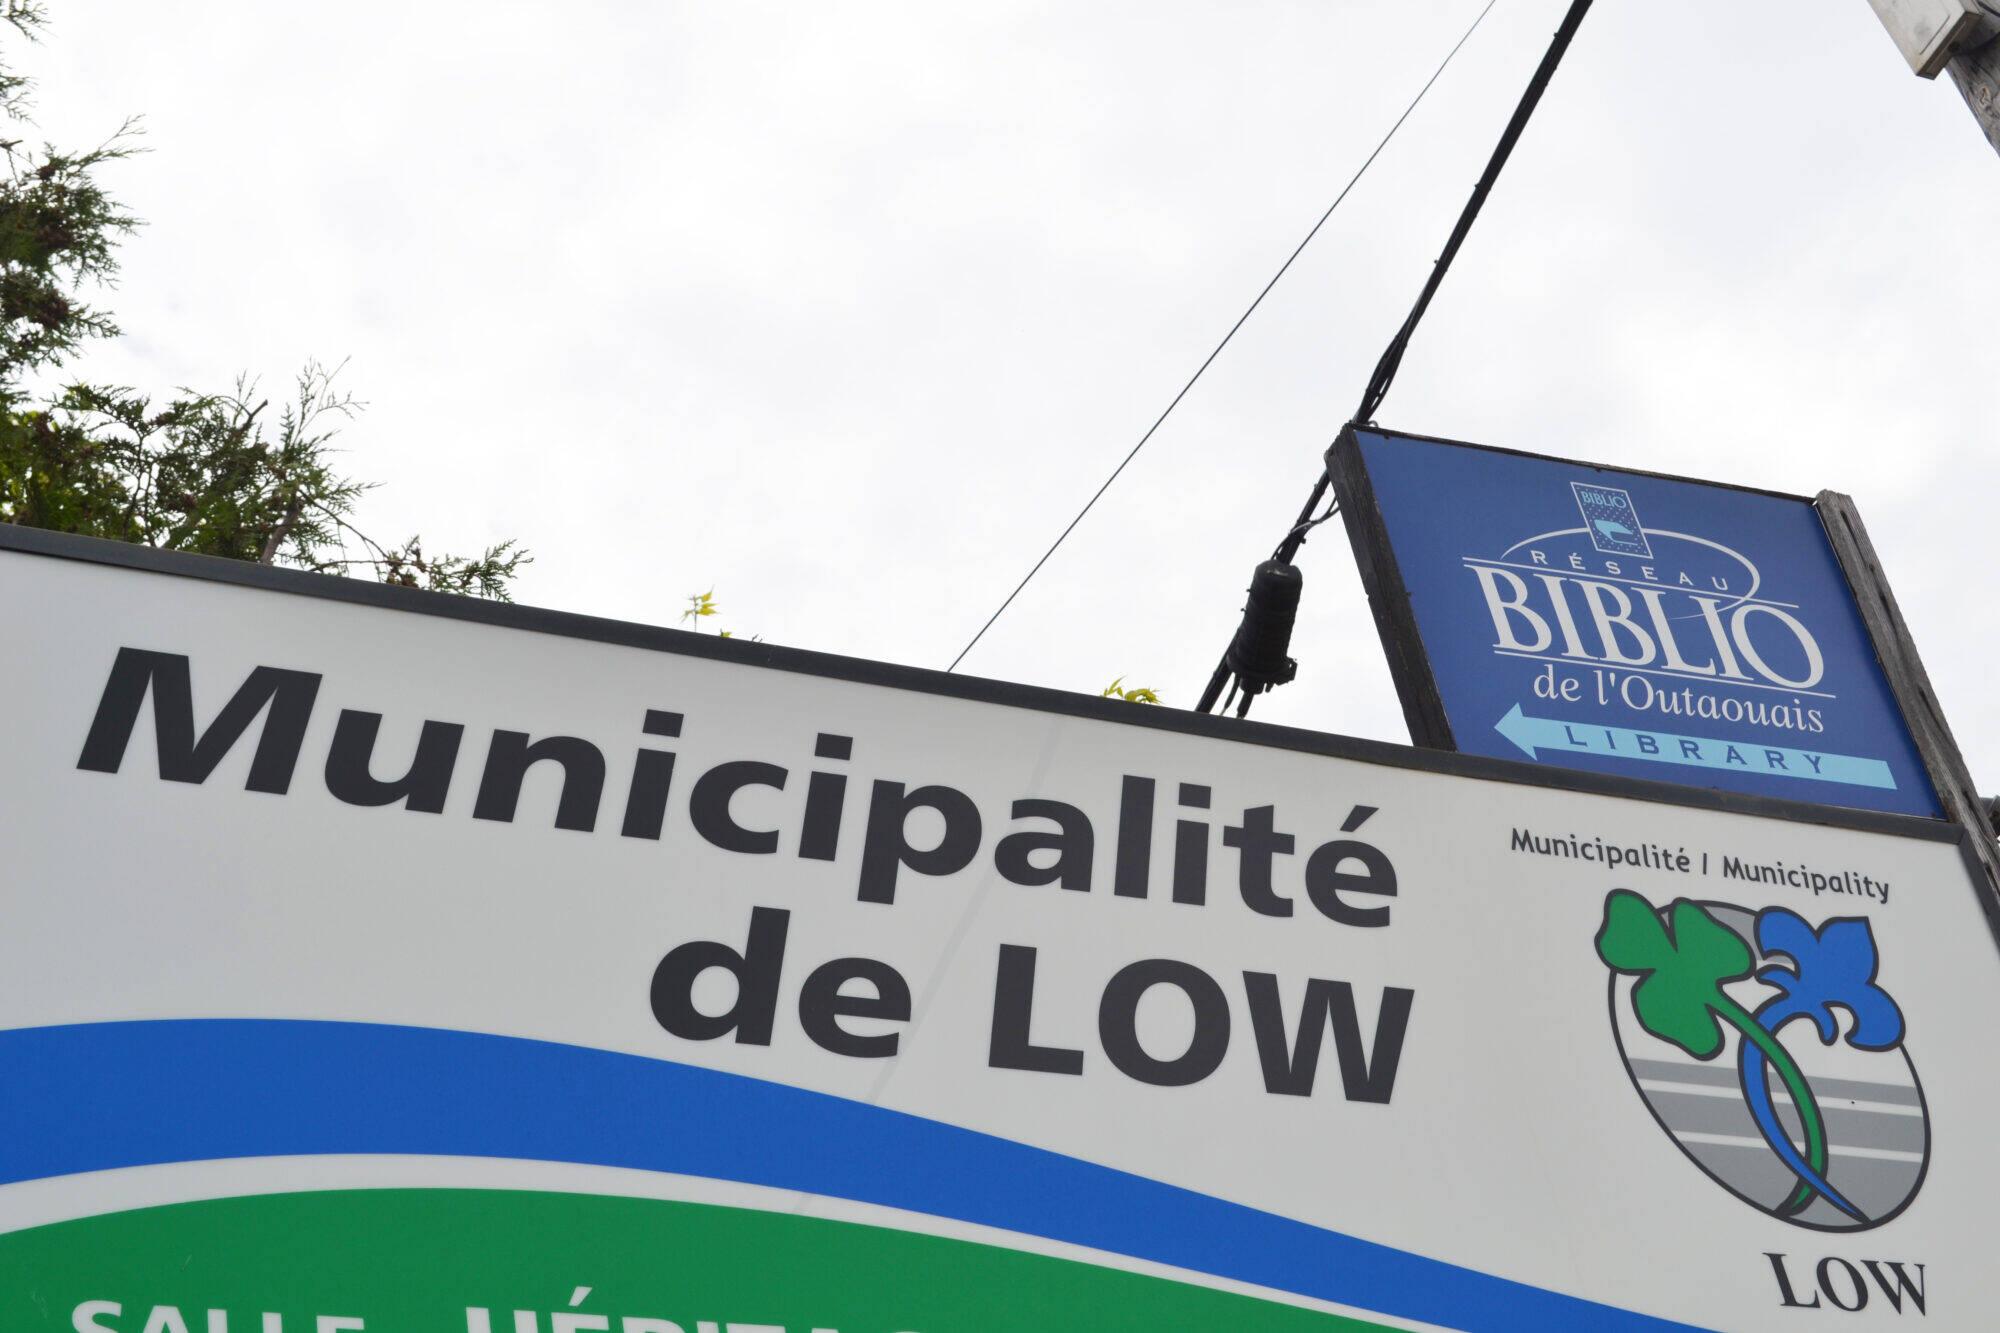 Municipalité - Low